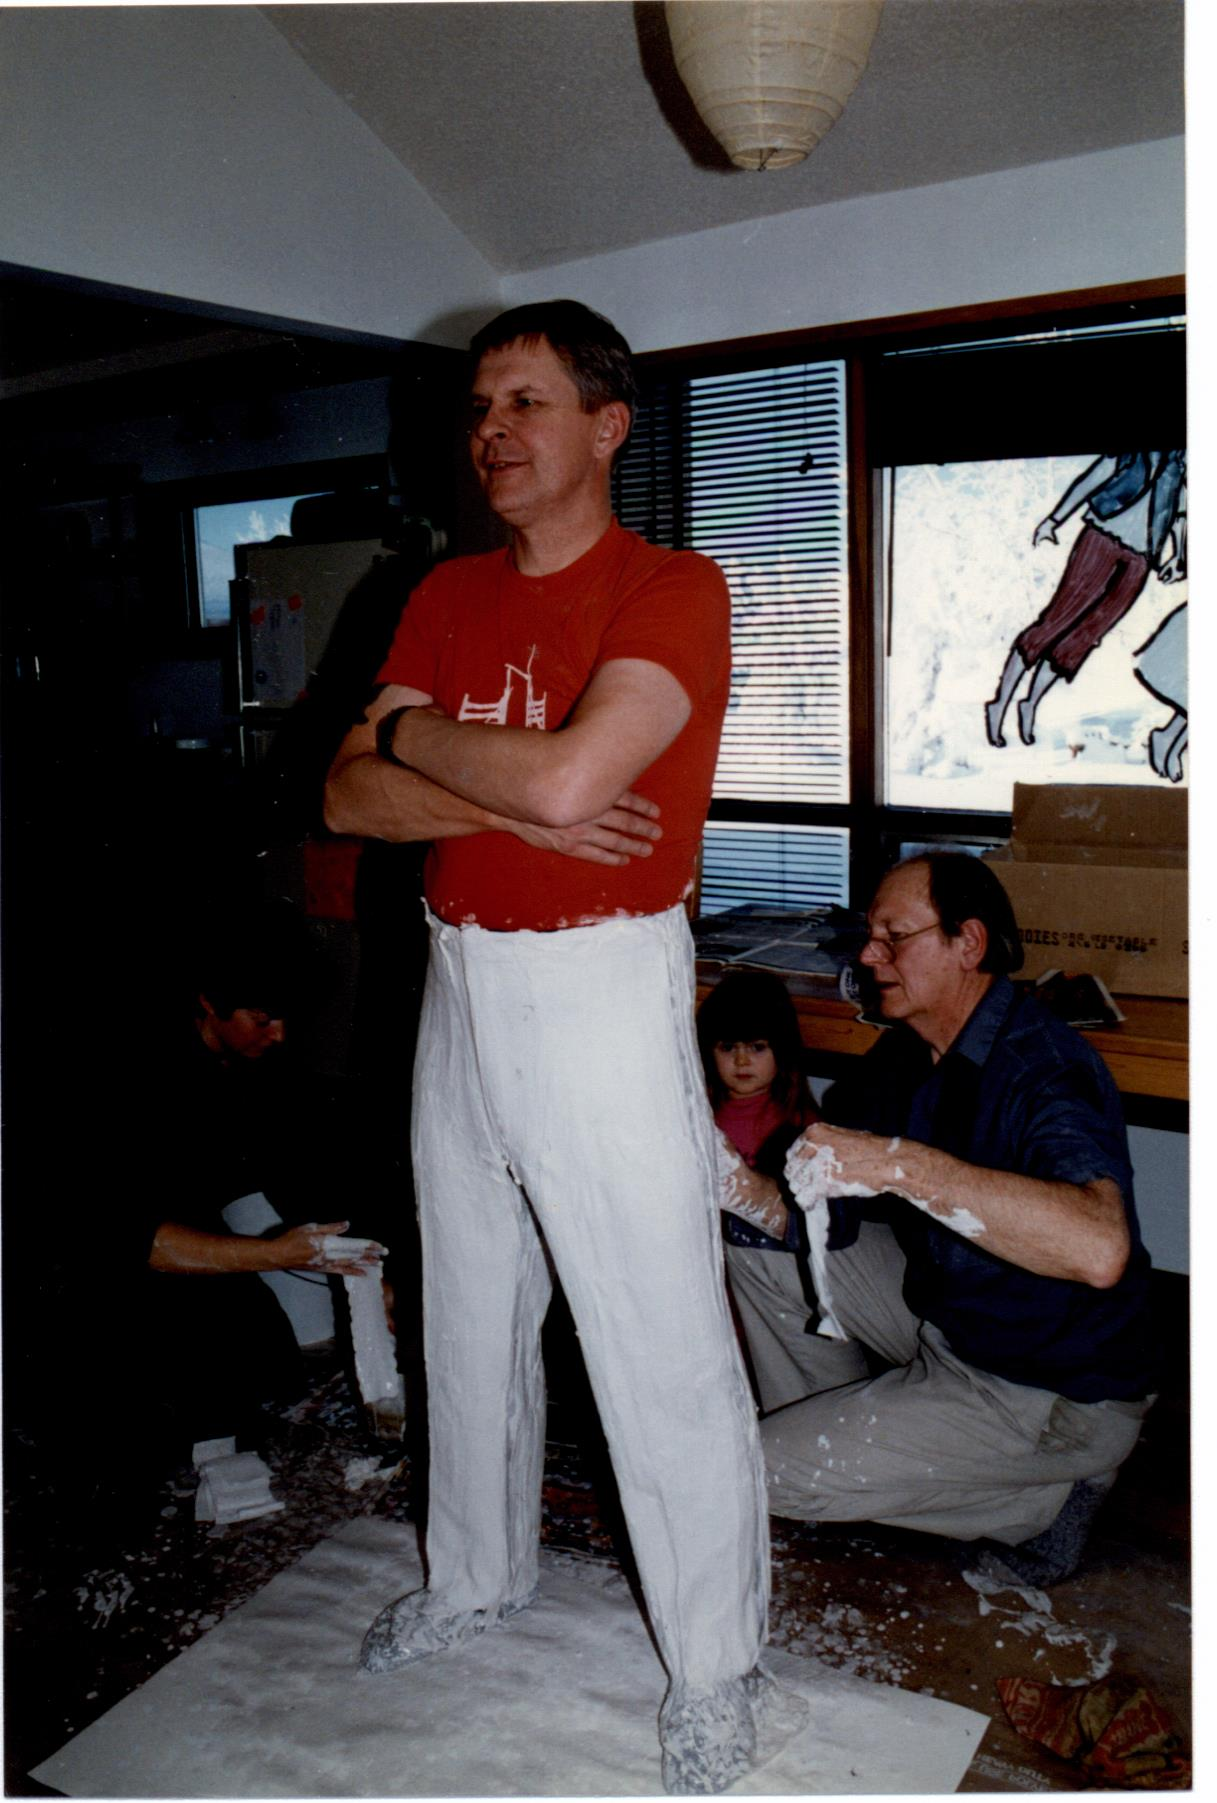 Rick Choppe se tient les bras croisés pendant que l'artiste, accroupi, met du plâtre sur ses jambes.